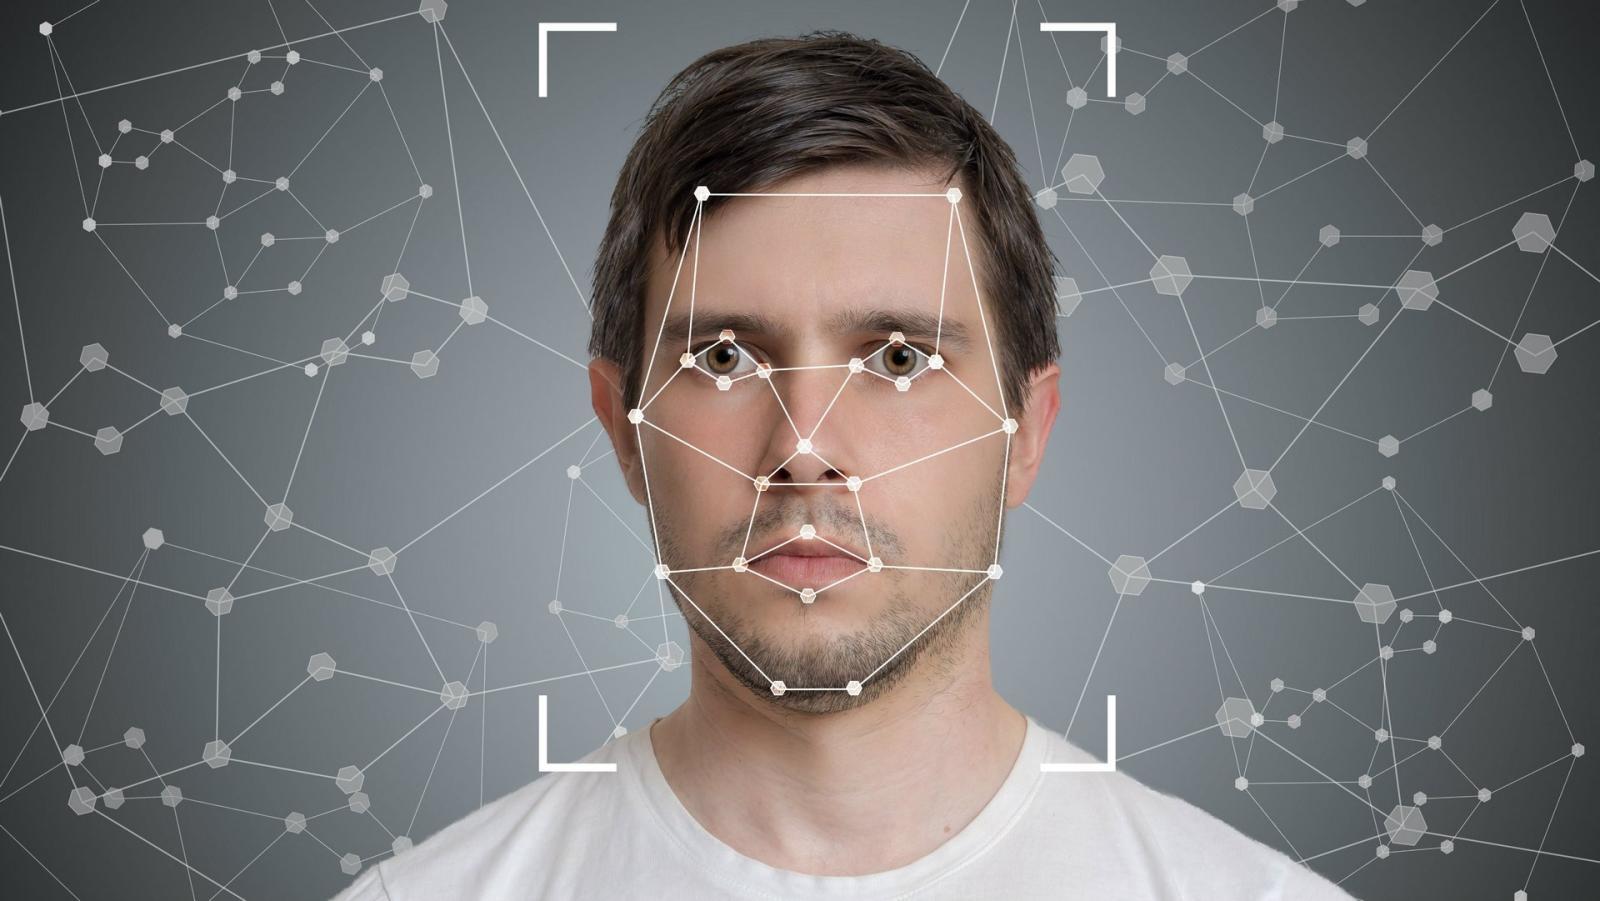 В России появится идентификация сотовых абонентов по лицу и голосу